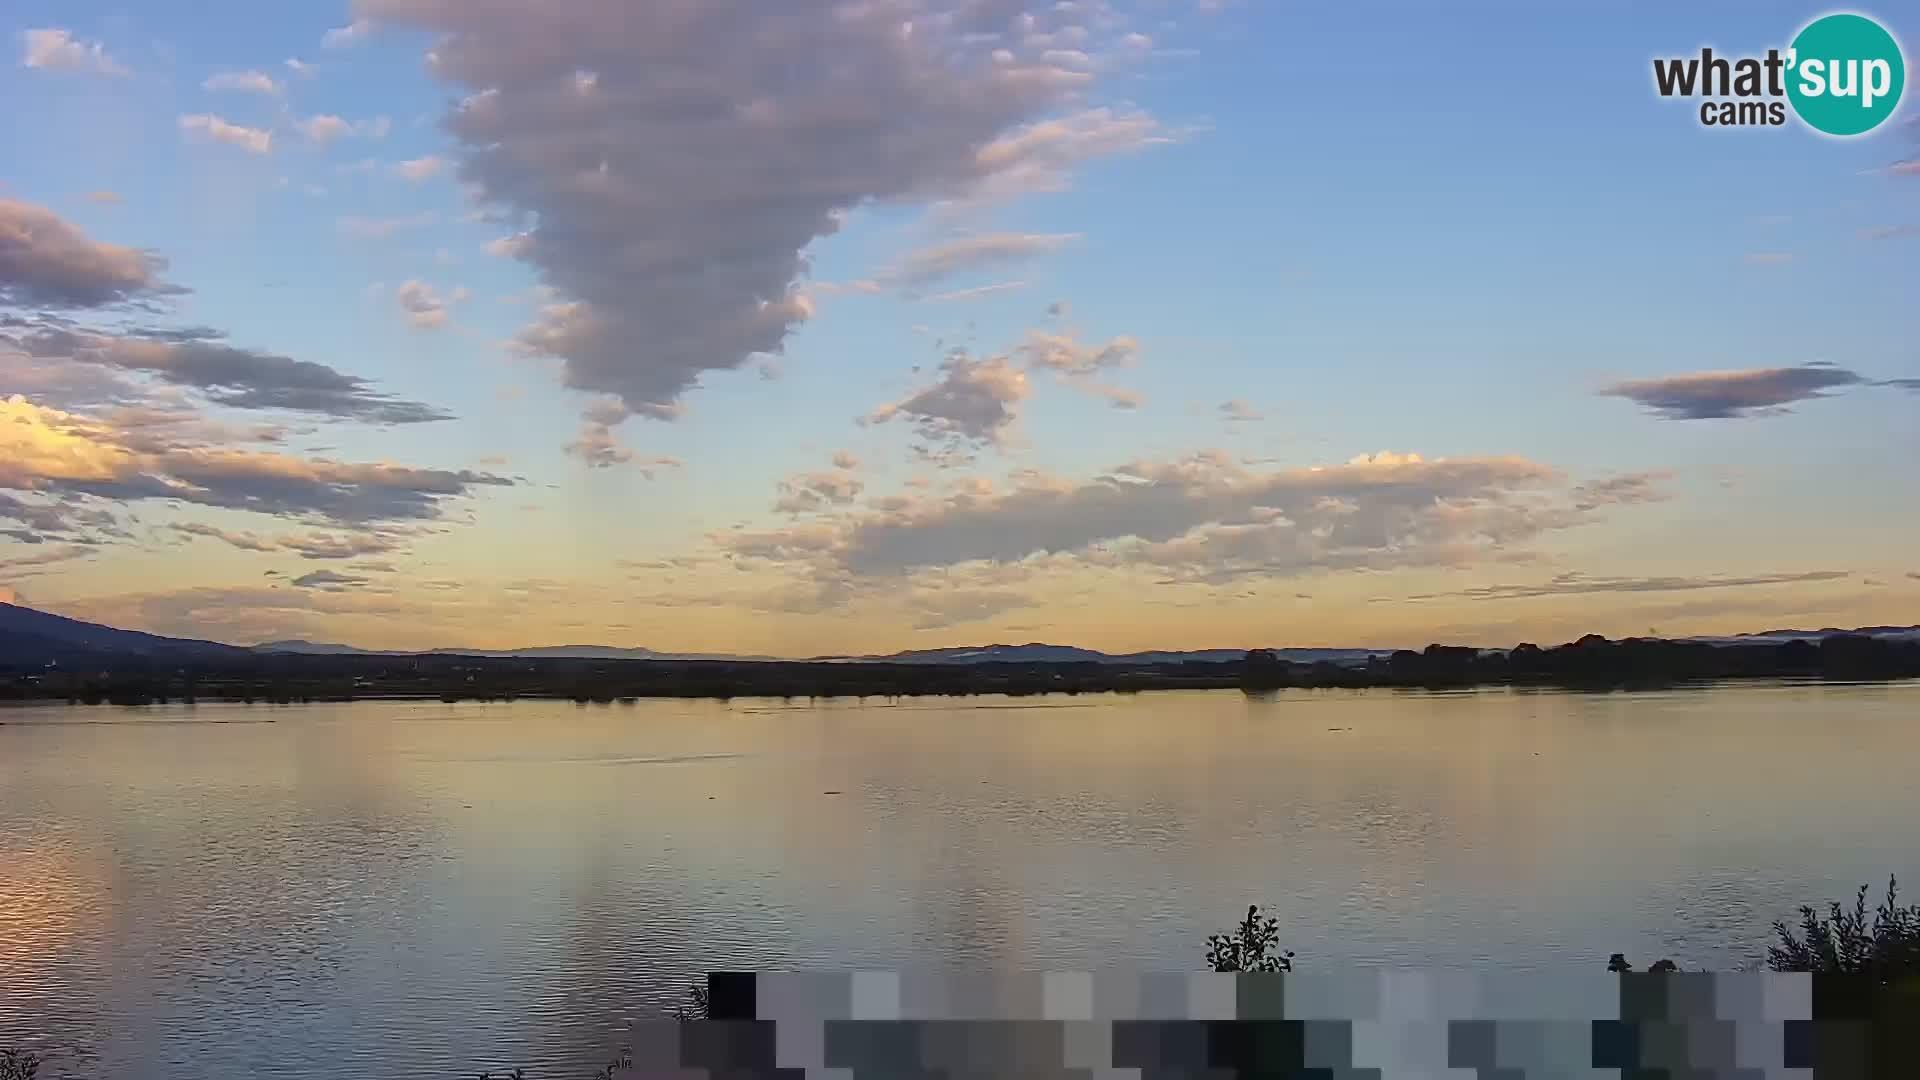 Webcam en direct Lac Brežice sur la rivière Sava – Slovénie